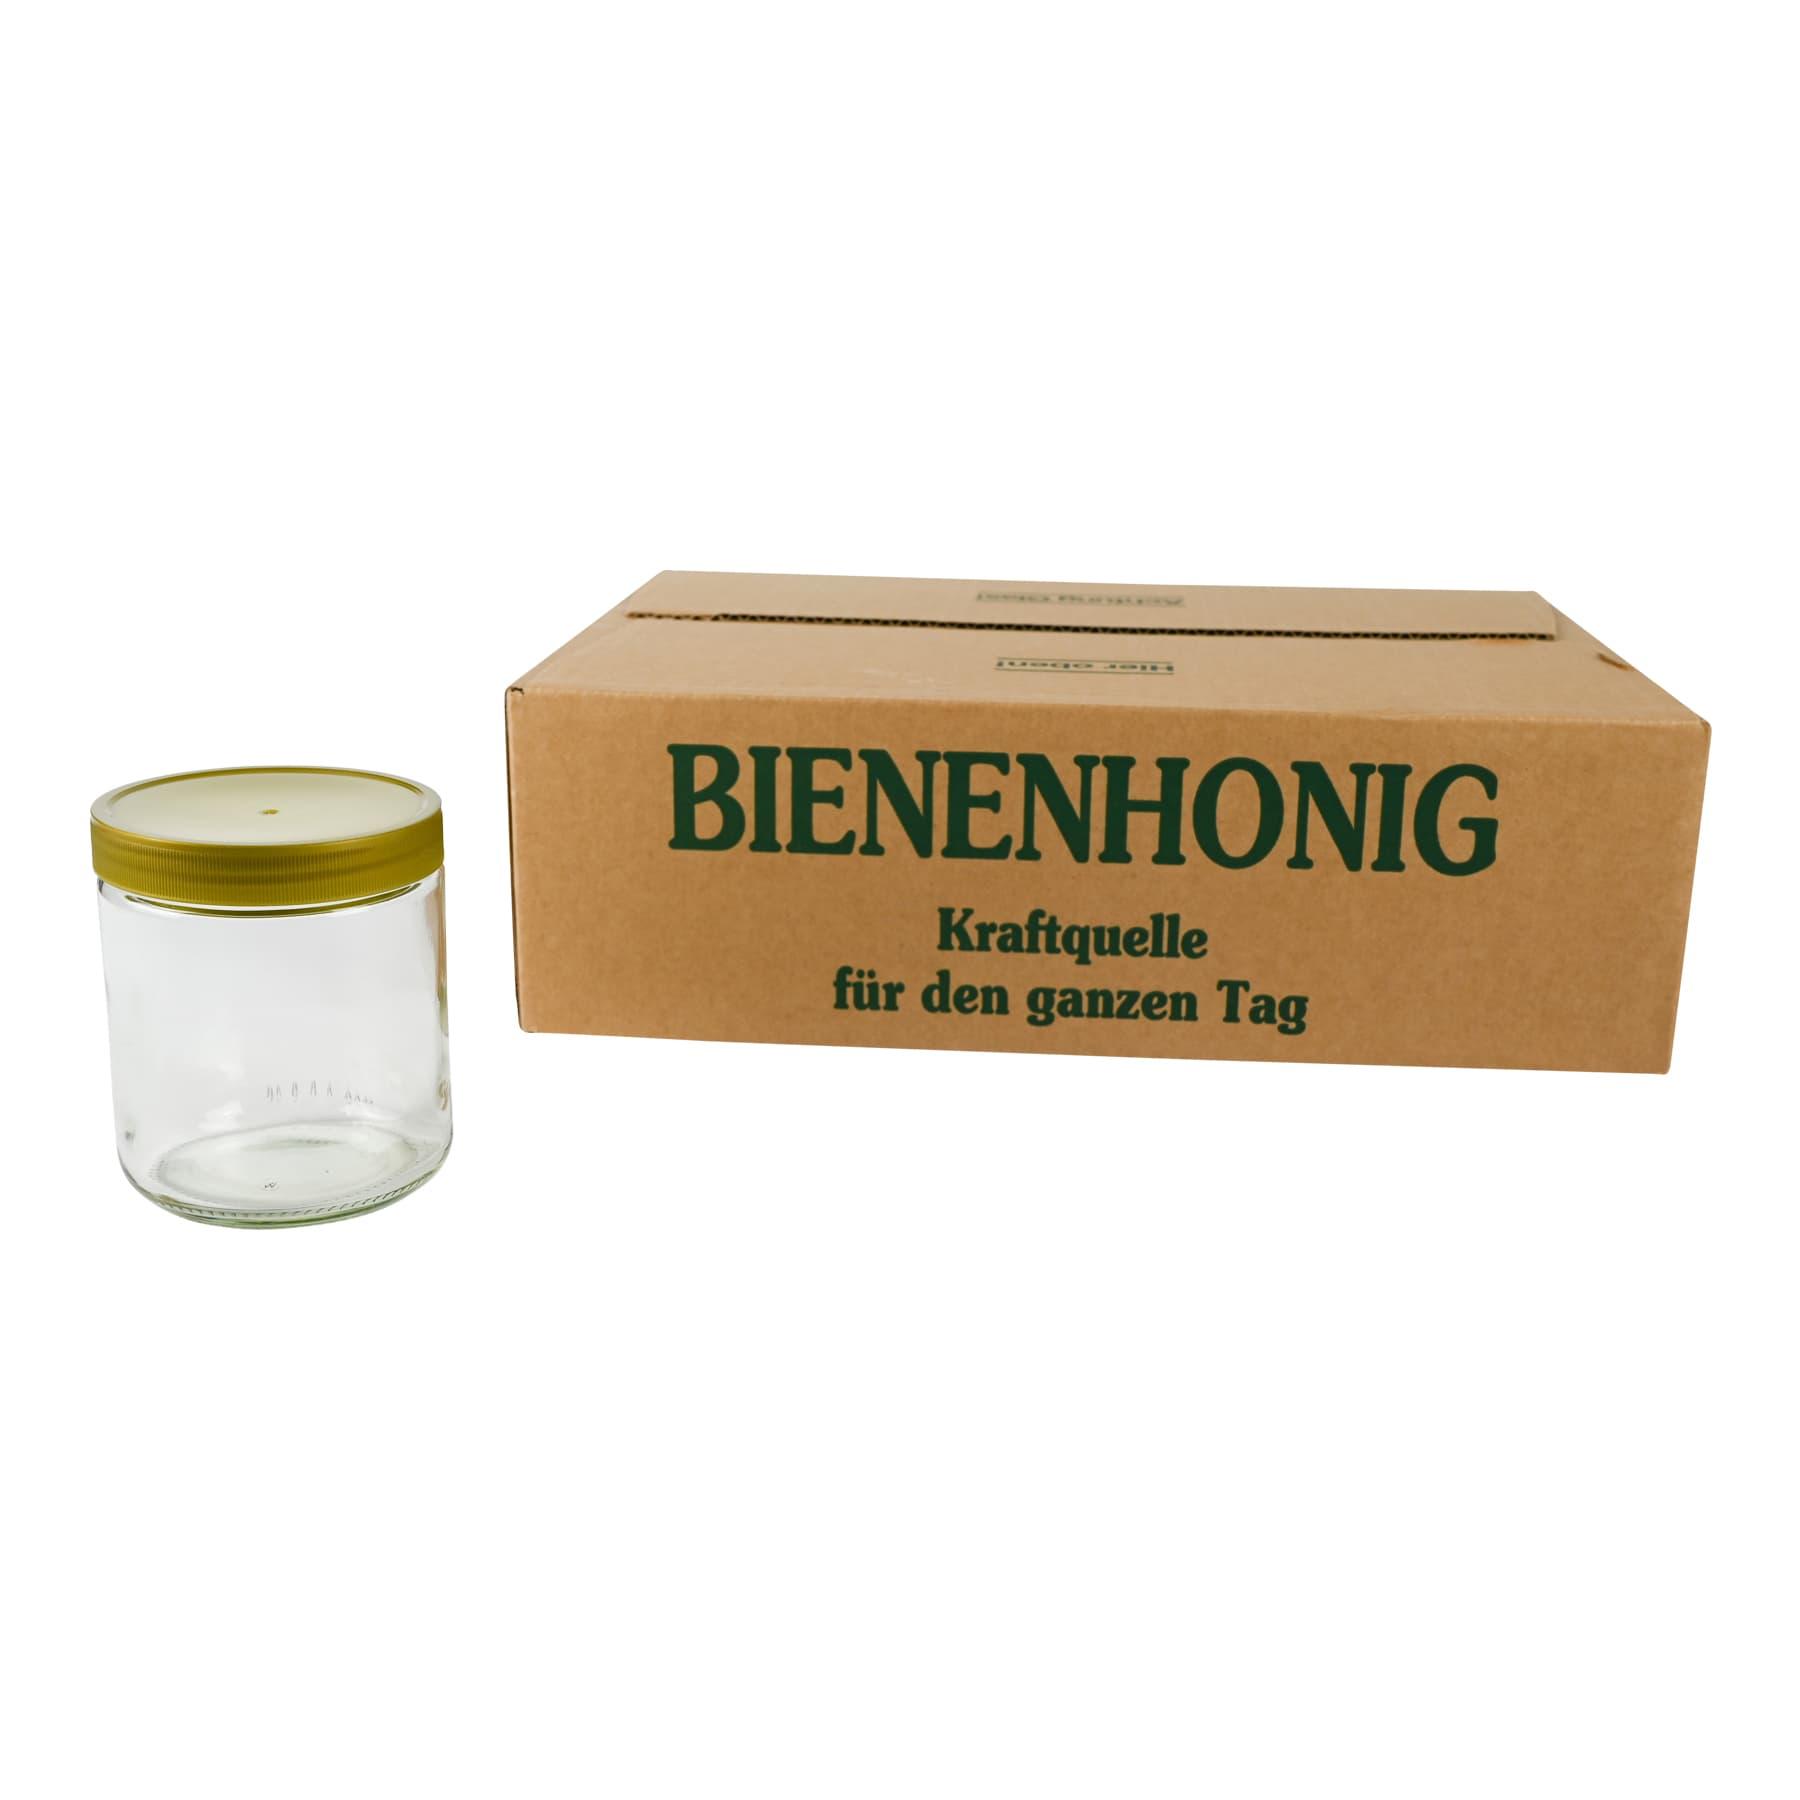 Rundglas 500 g 1 Palette (2244 St.) mit Schraubdeckel aus Kunststoff im 12er Karton, FREI HAUS